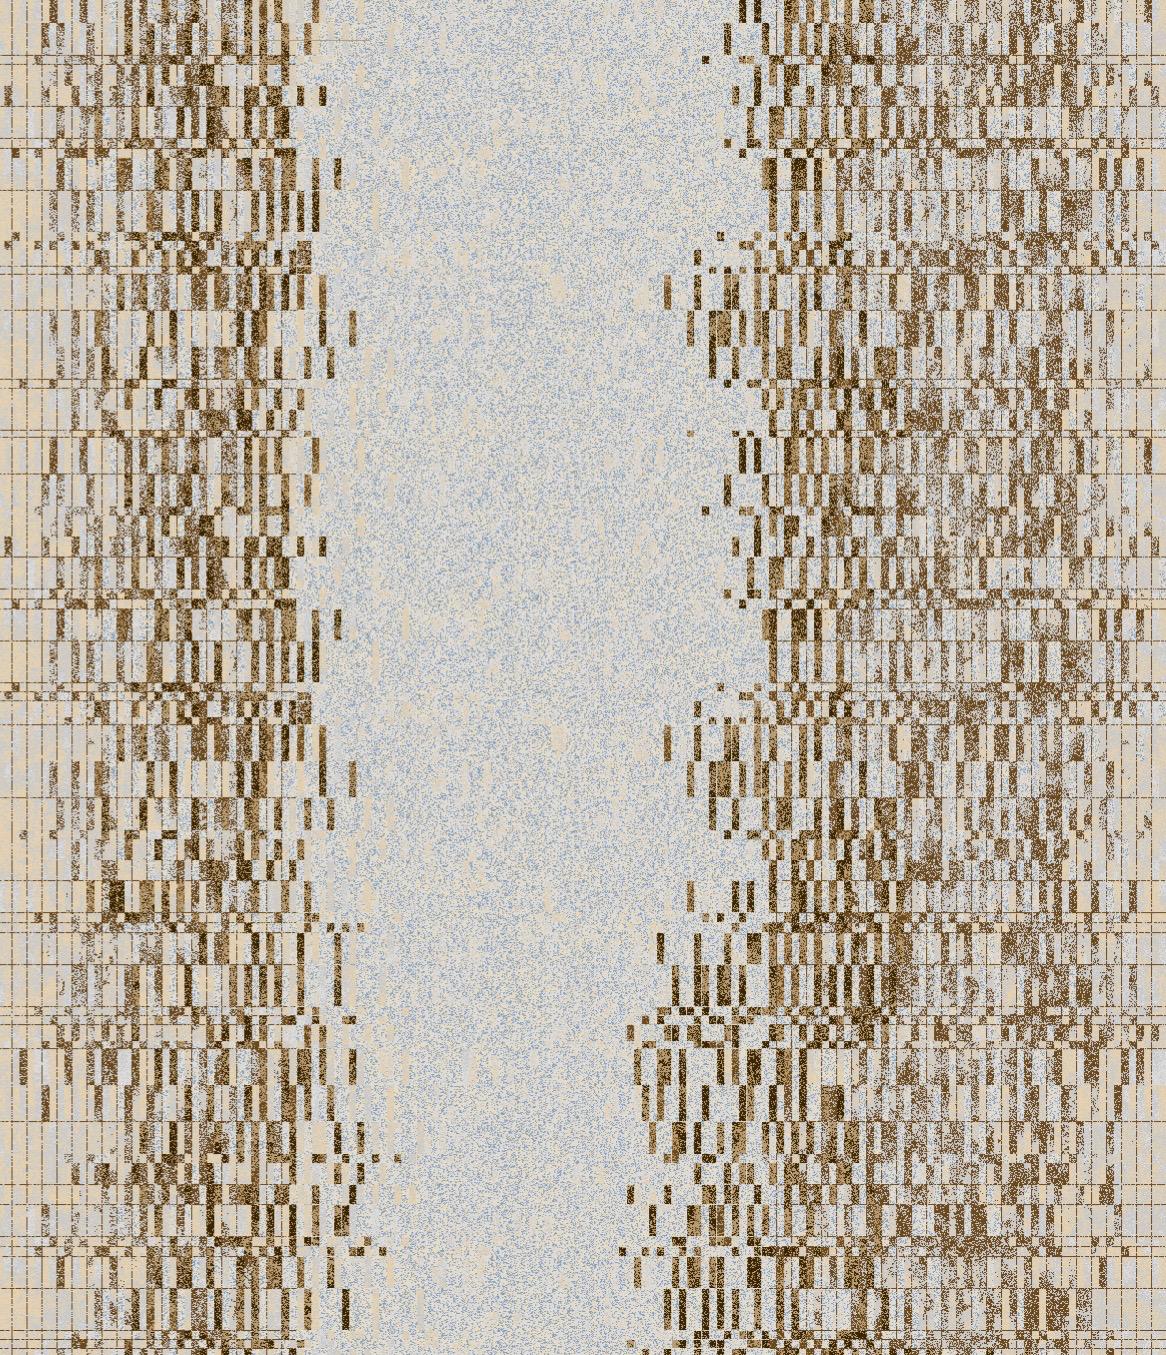 NX-NH023467-2.jpg